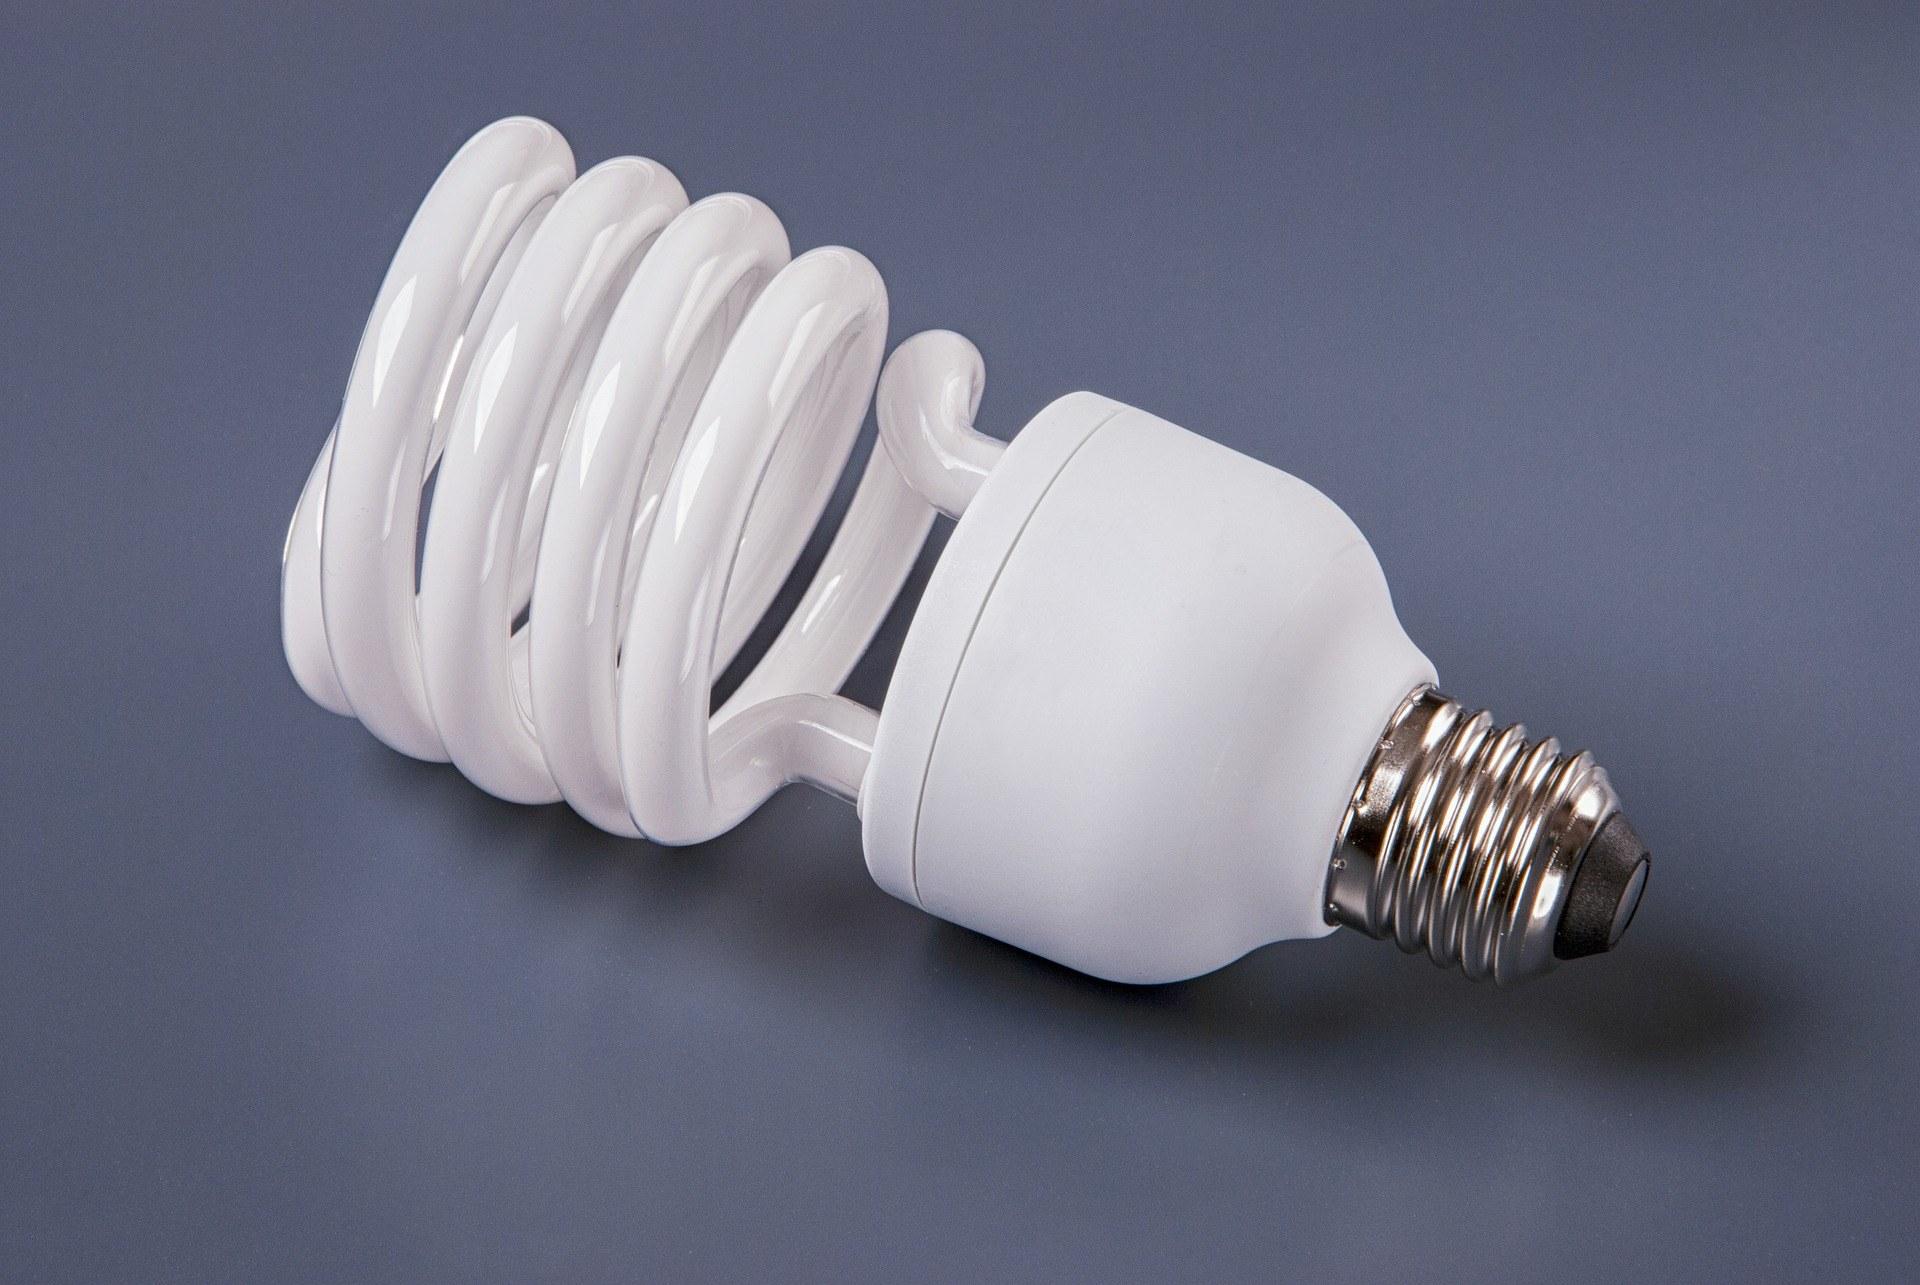 Domínguez Brito pide prohibir la importación de bombillas fluorescentes